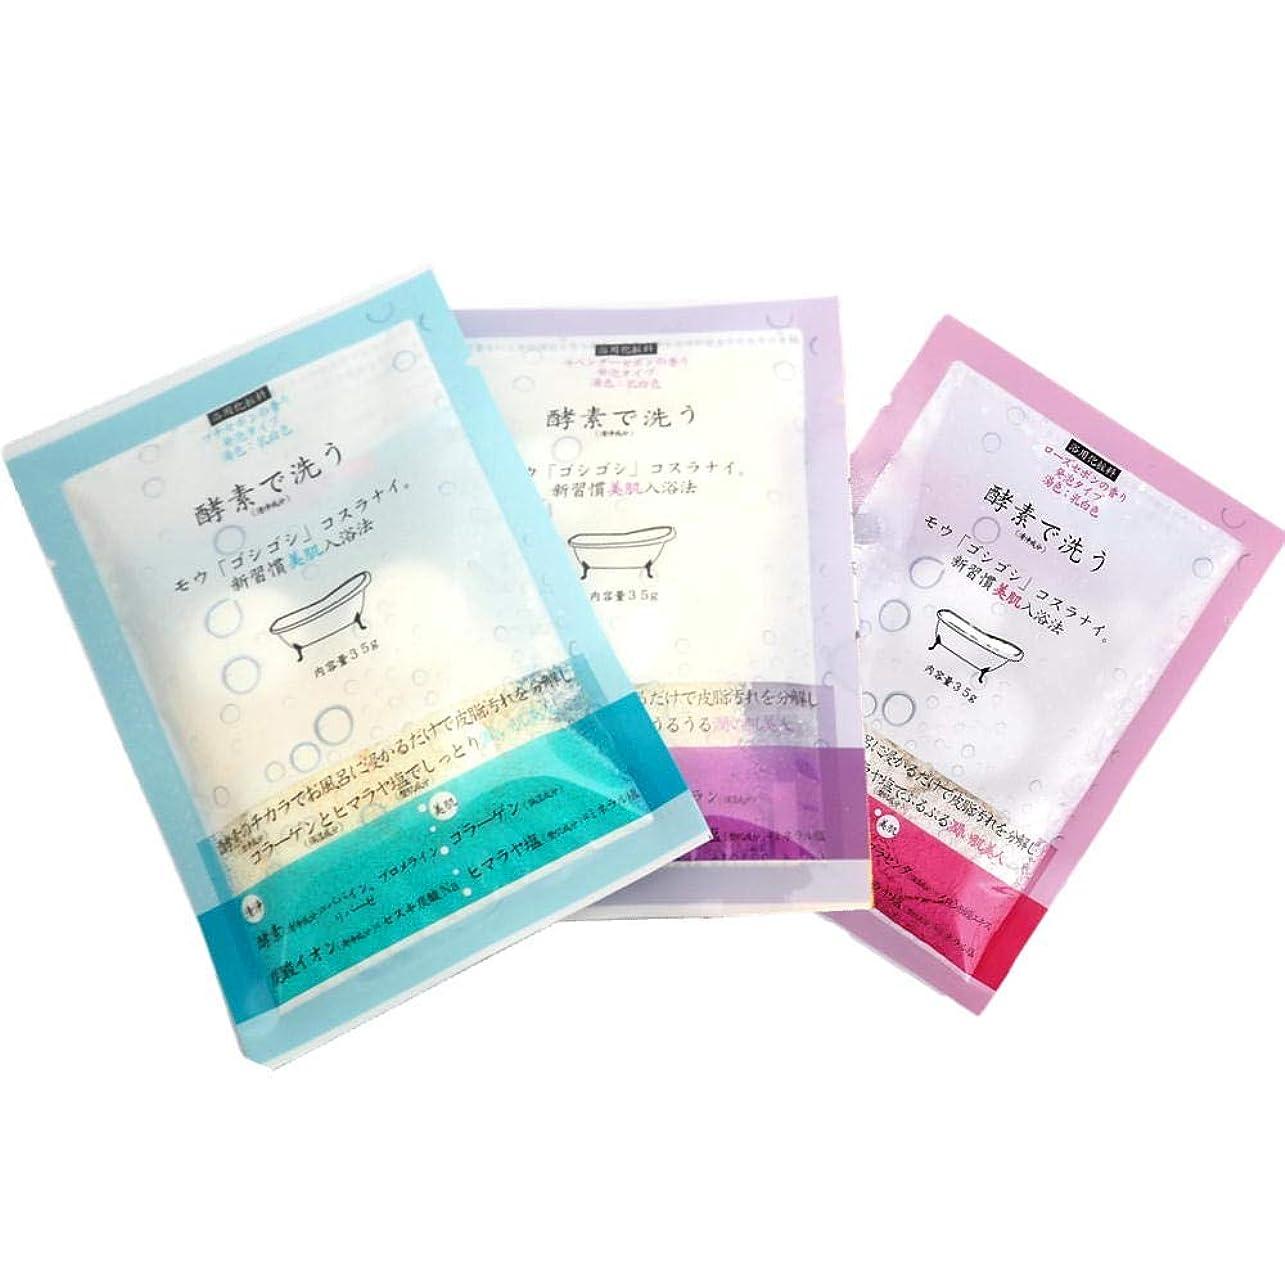 捕虜アコーランダムほんやら堂 酵素で洗う入浴料 3種詰め合わせセット 35g×12個入リ(プチセボン、ローズセボン、ラベンダー)